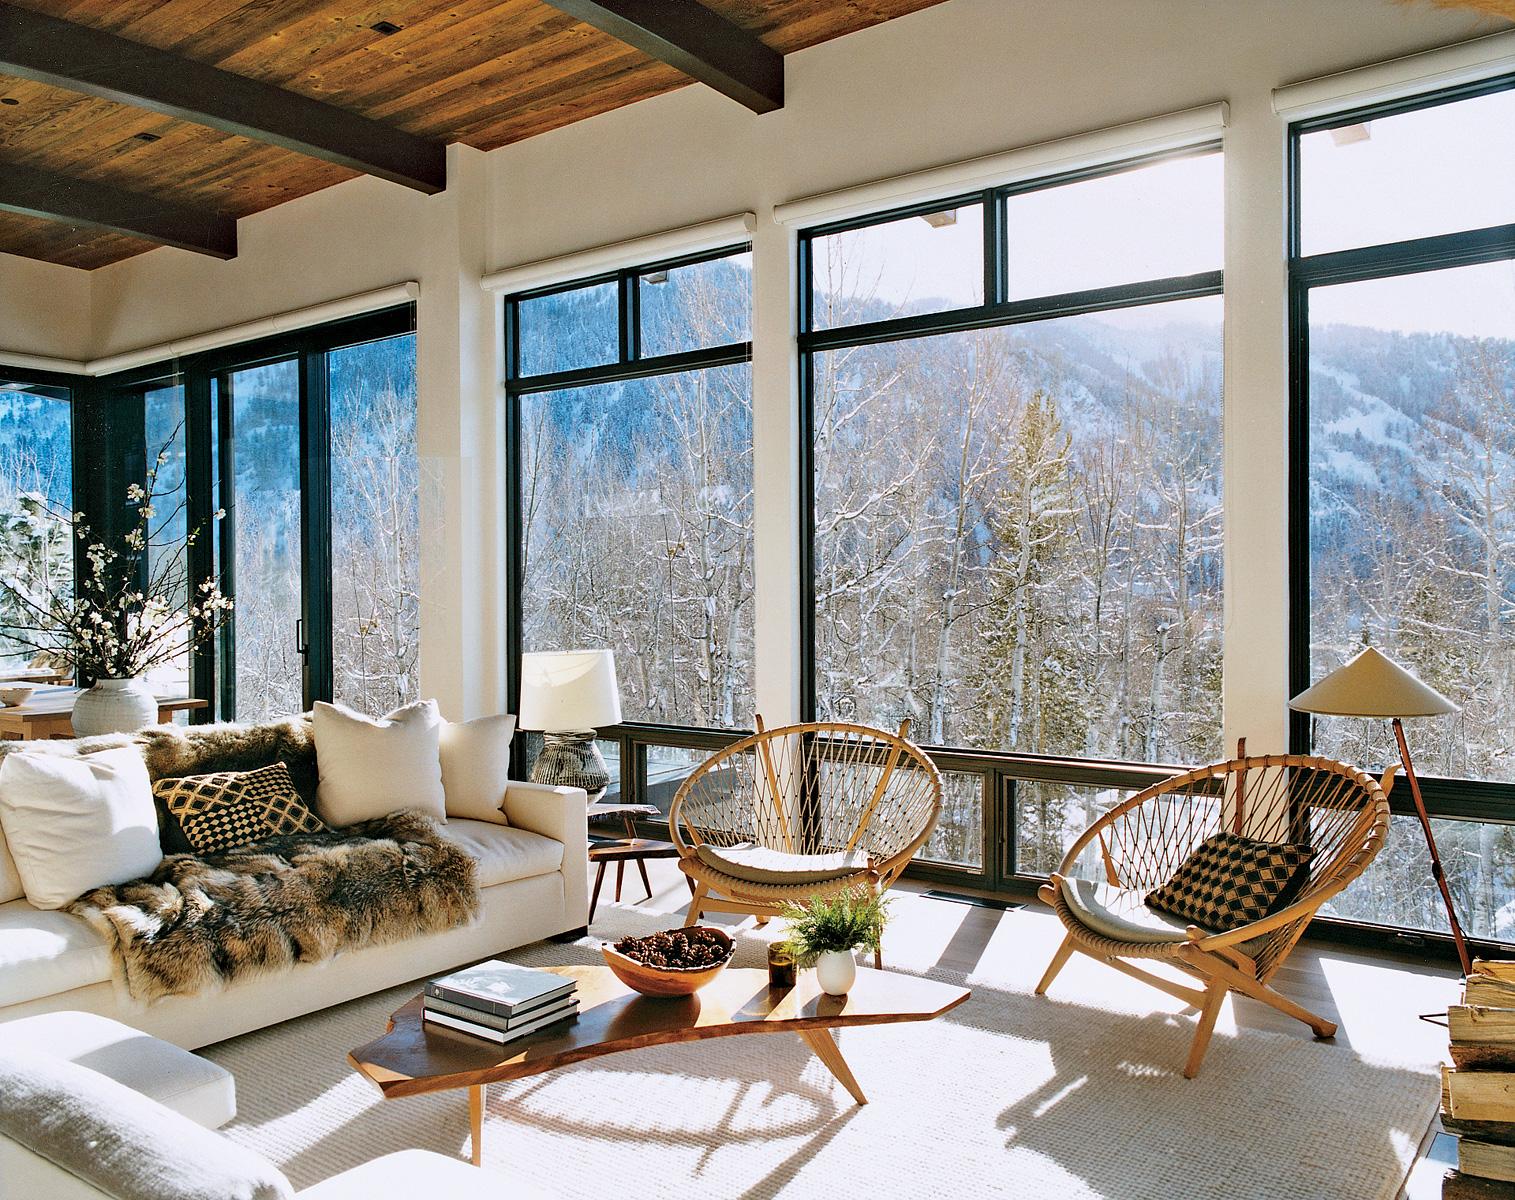 Aerin lauder s aspen home running in heelz for Aspen house